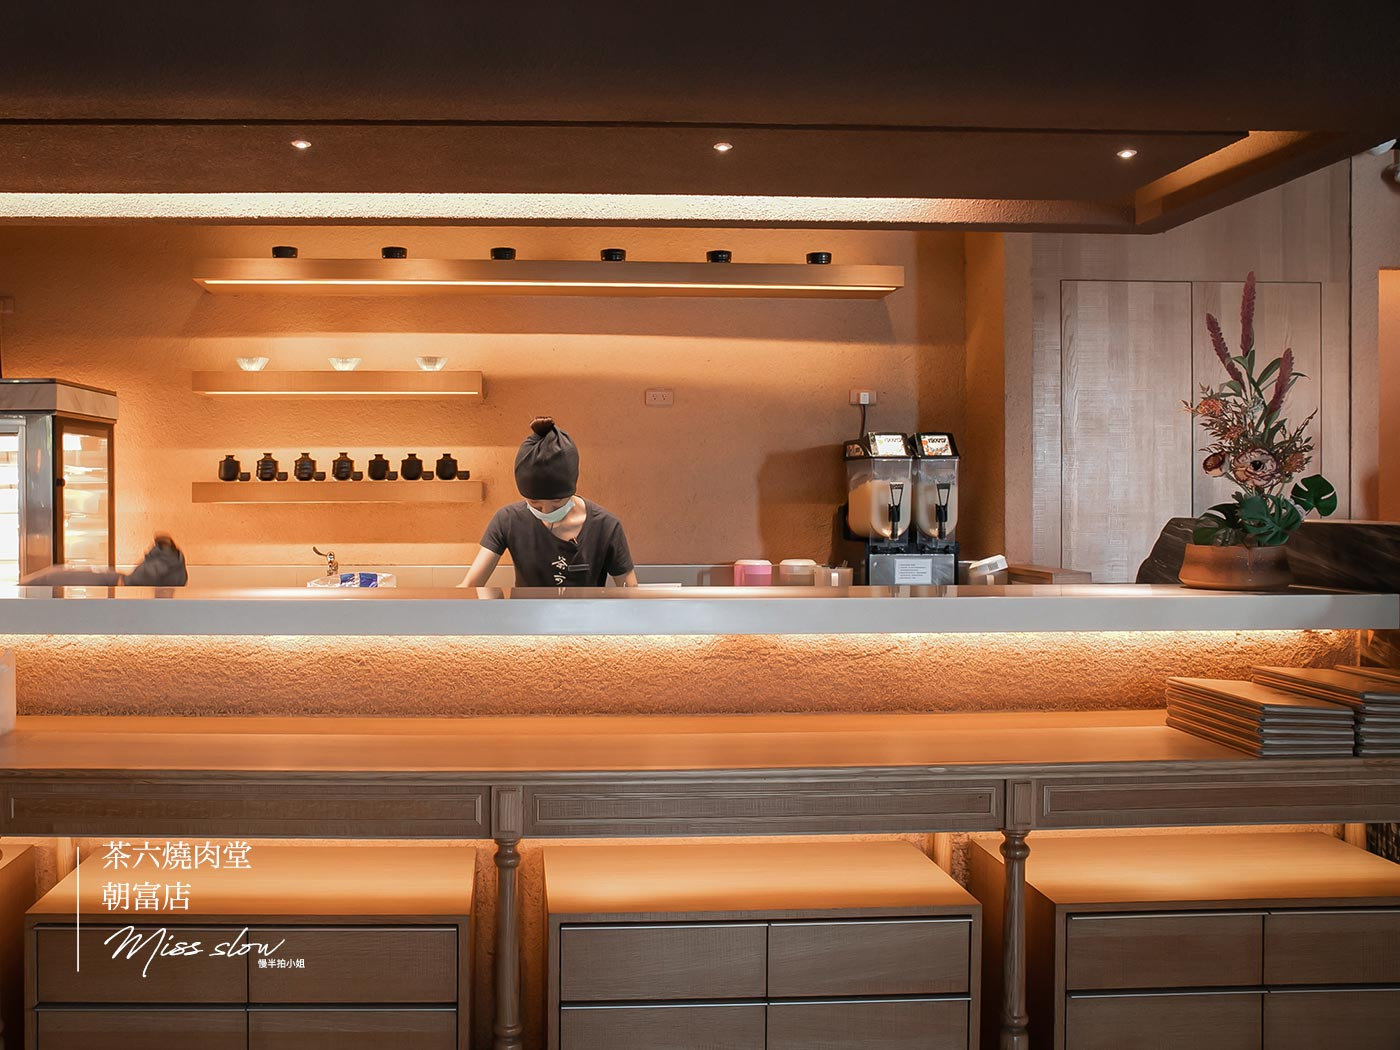 茶六燒肉堂朝富店 吧台工作區